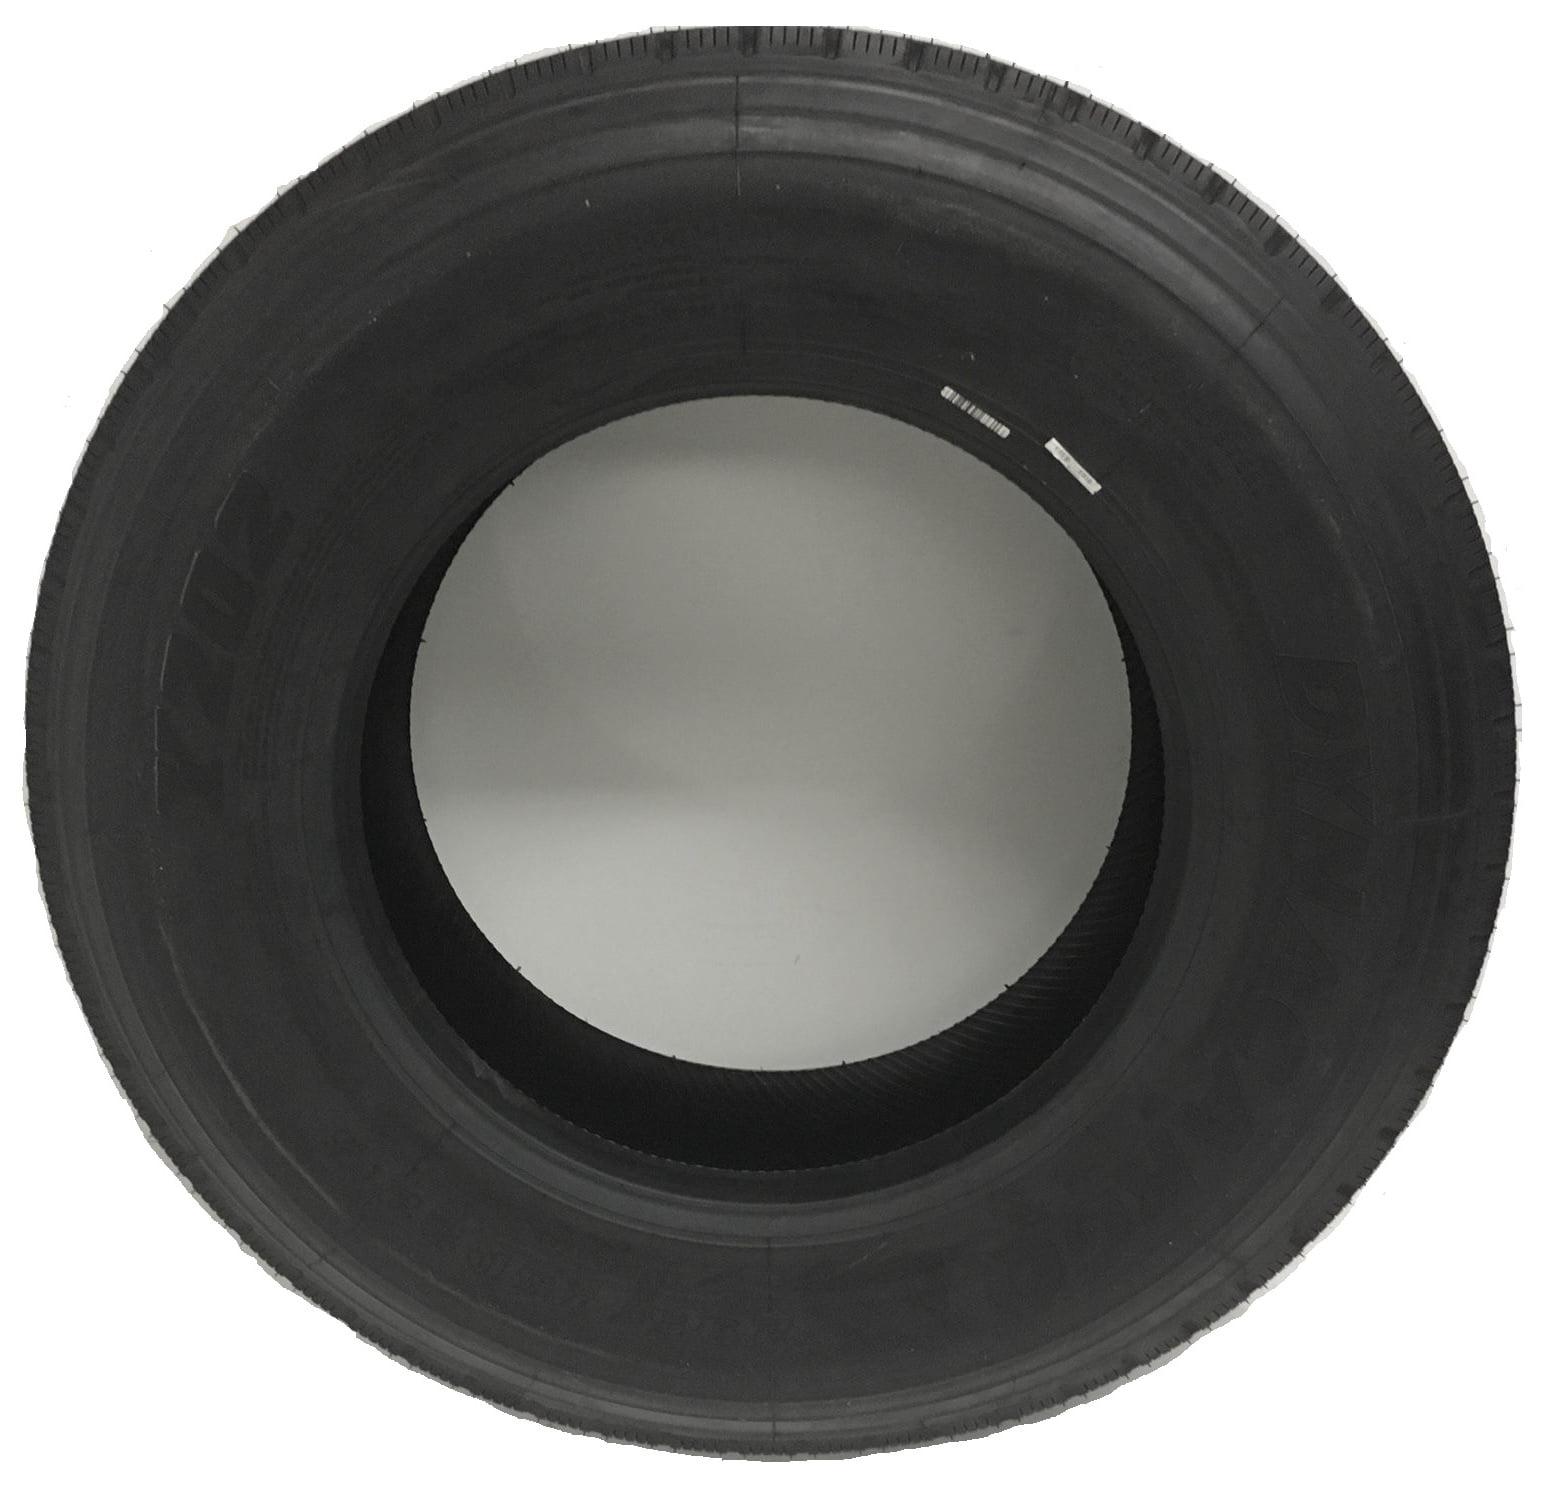 Dynacargo Semi Tractor Trailer Tire LT295/75R22.5 5 Rib Y...